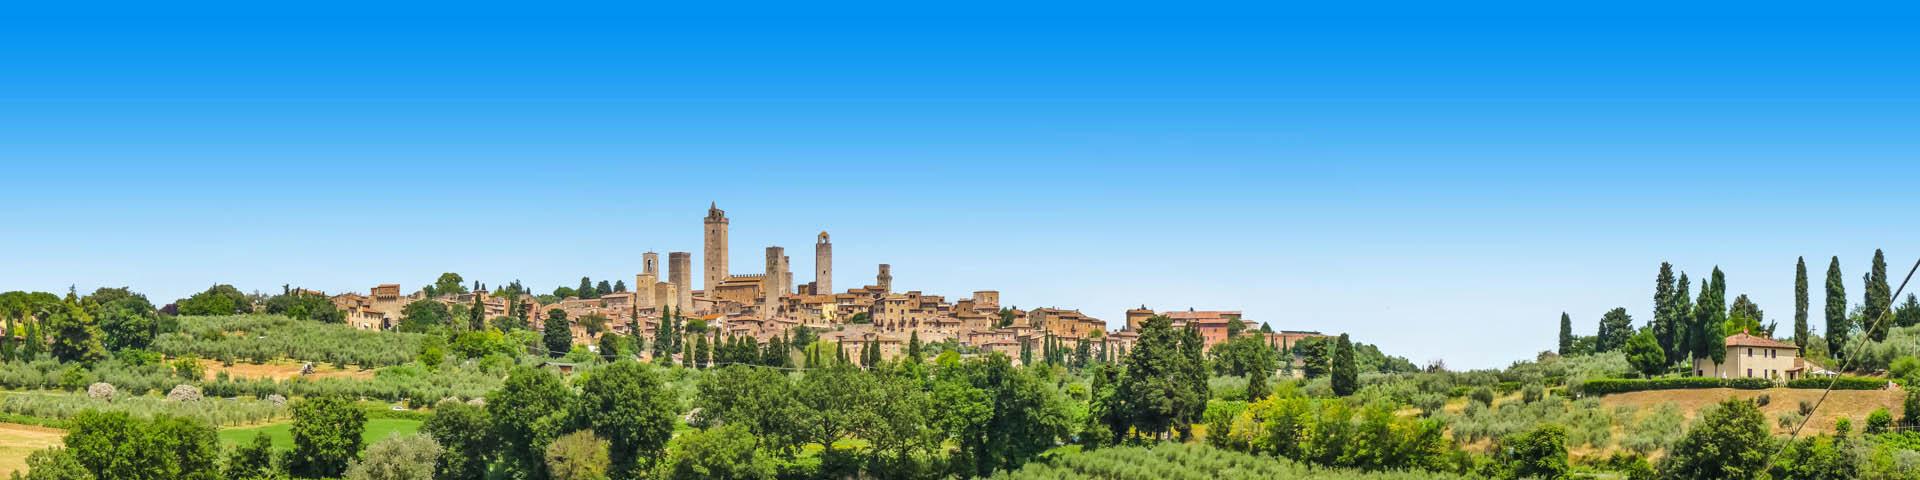 Italiaans dorpje op een groen landschap.